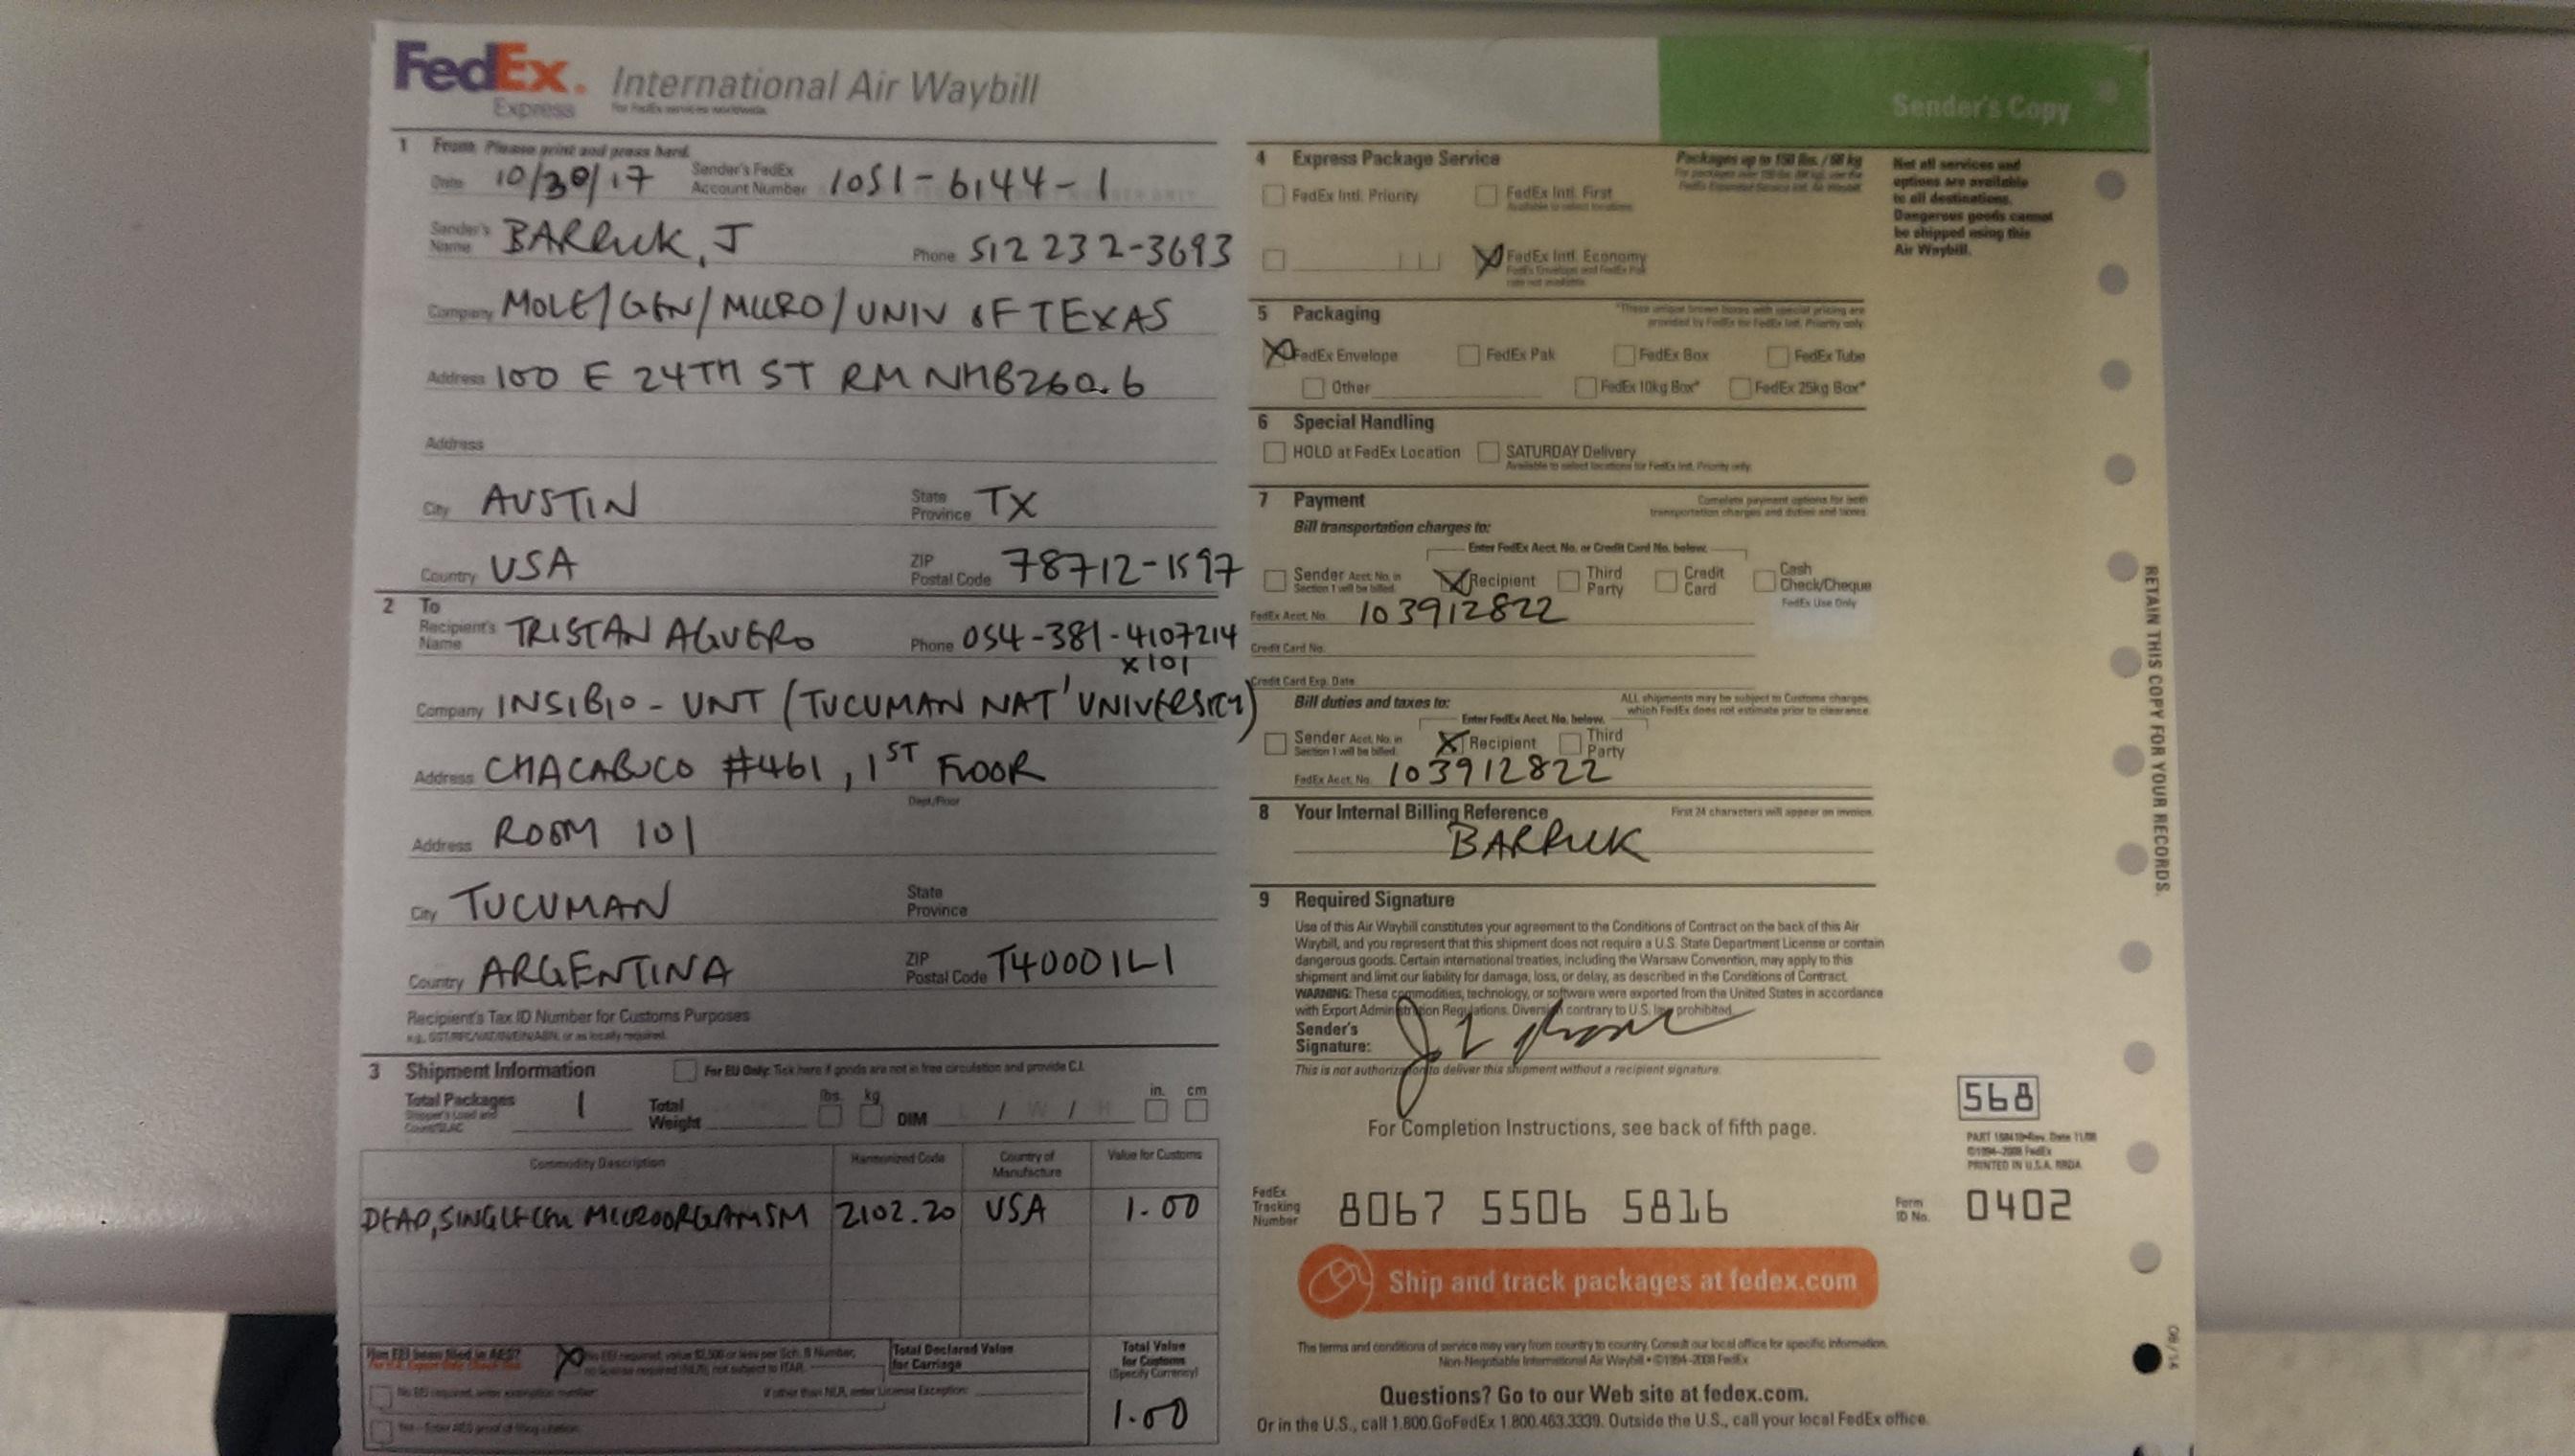 Form air fedex international pdf waybill